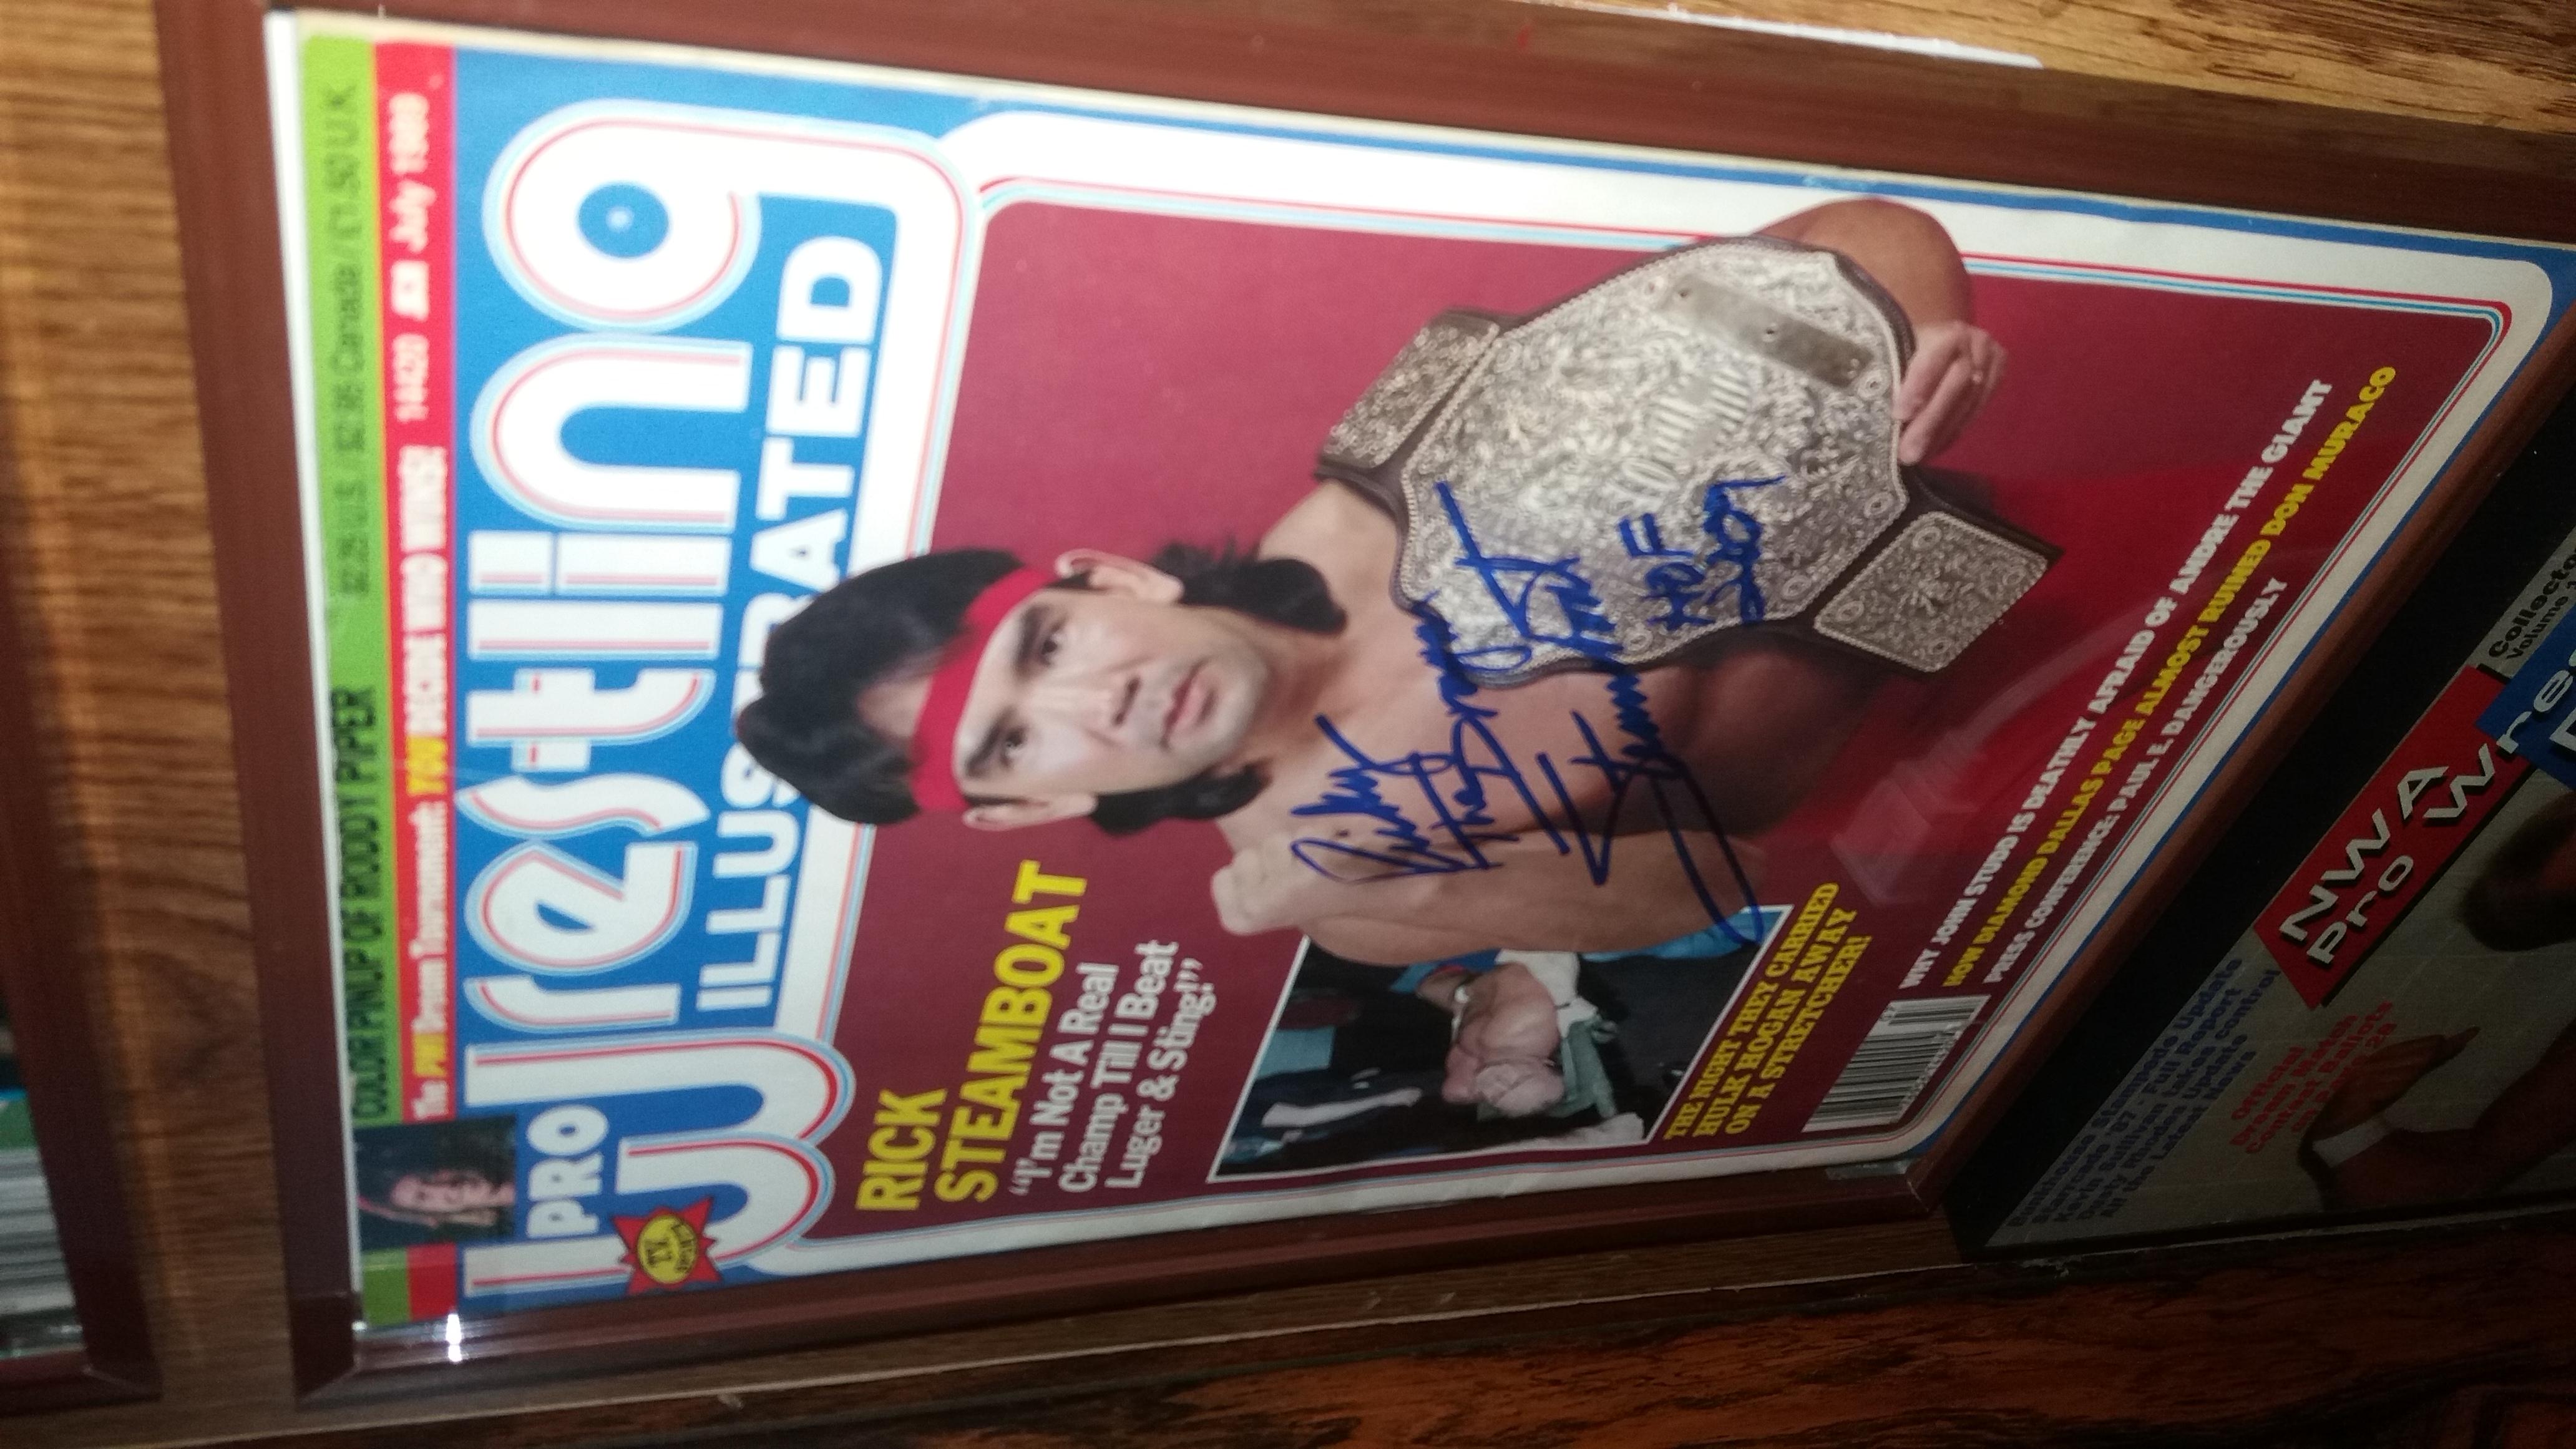 PWI July 1989